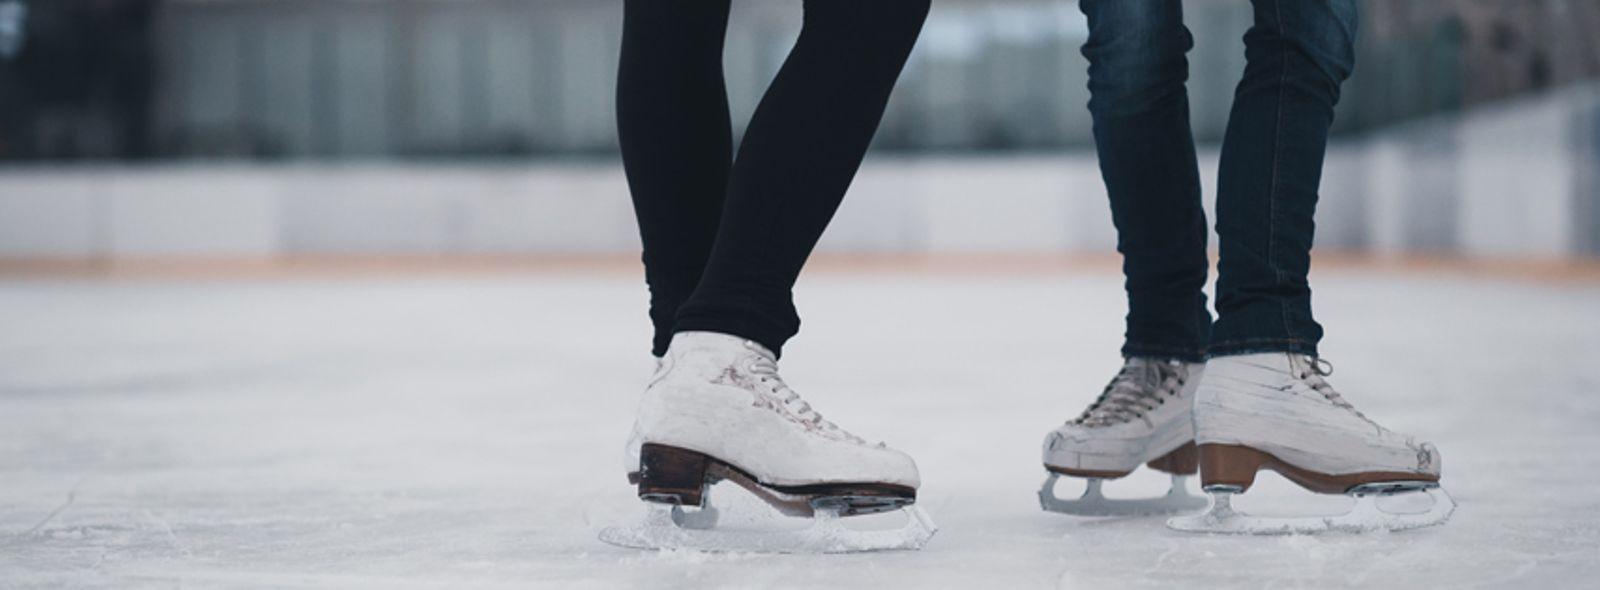 Pattinaggio sul ghiaccio Roma